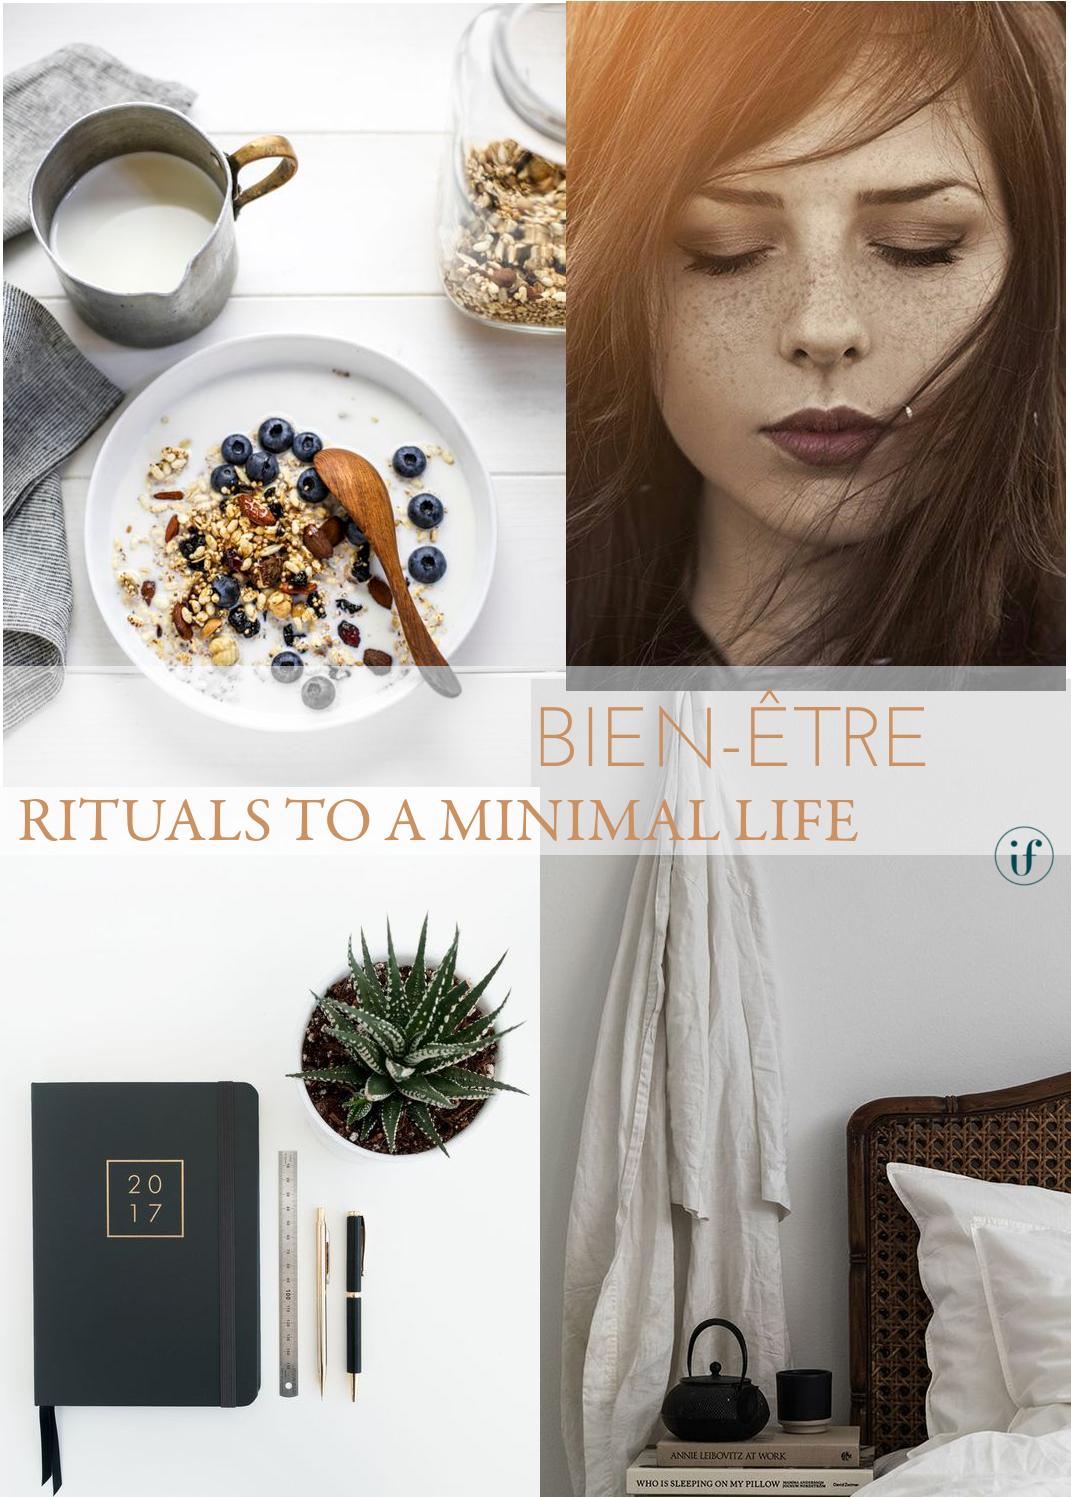 rituals to a minimal life. bien-être.